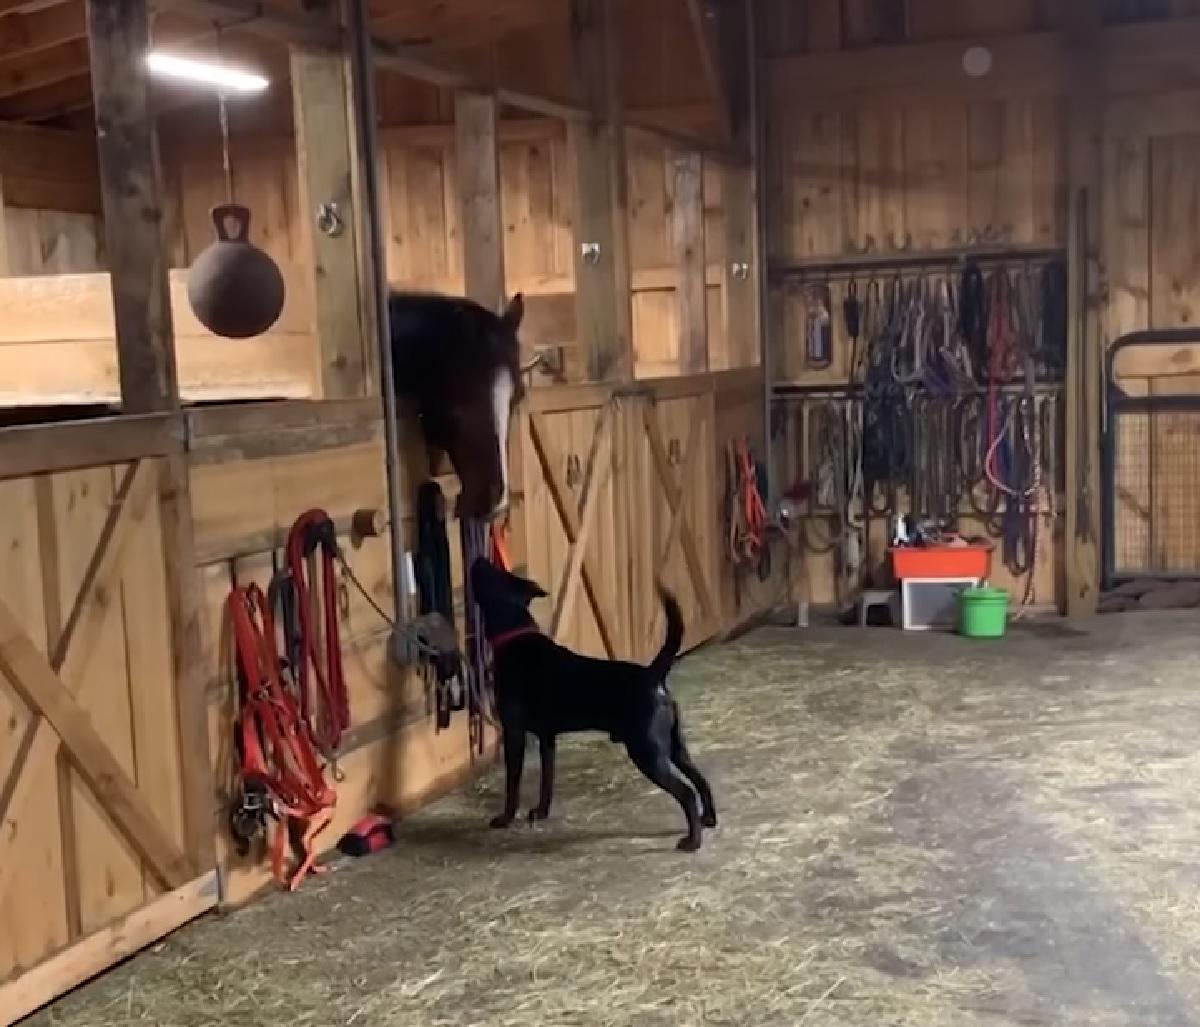 Il cucciolo Labrador conosce dei cavalli per la prima volta, il video dell'incontro vi lascerà a bocca aperta